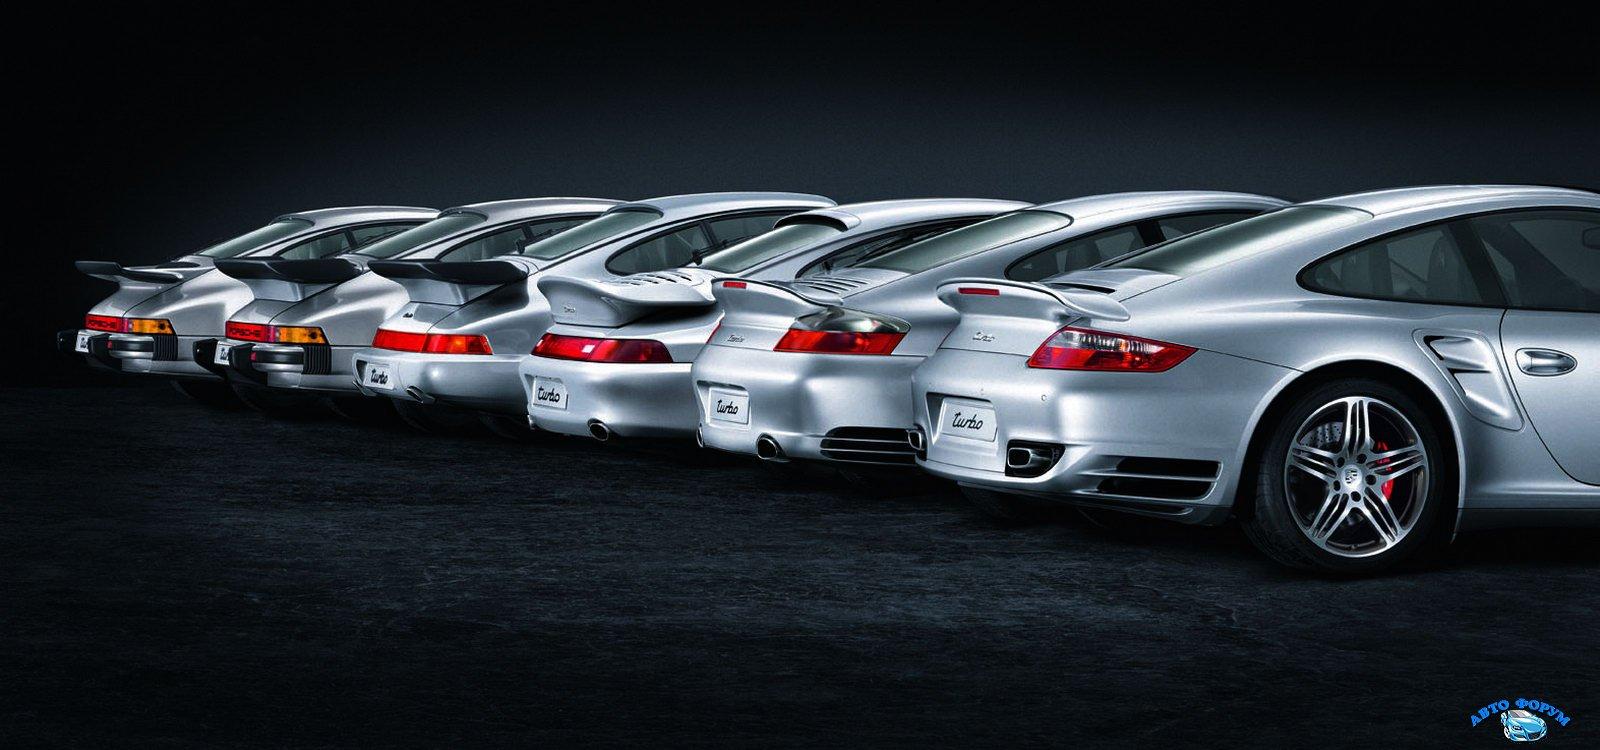 Porsche-911-Turbo-1.jpg